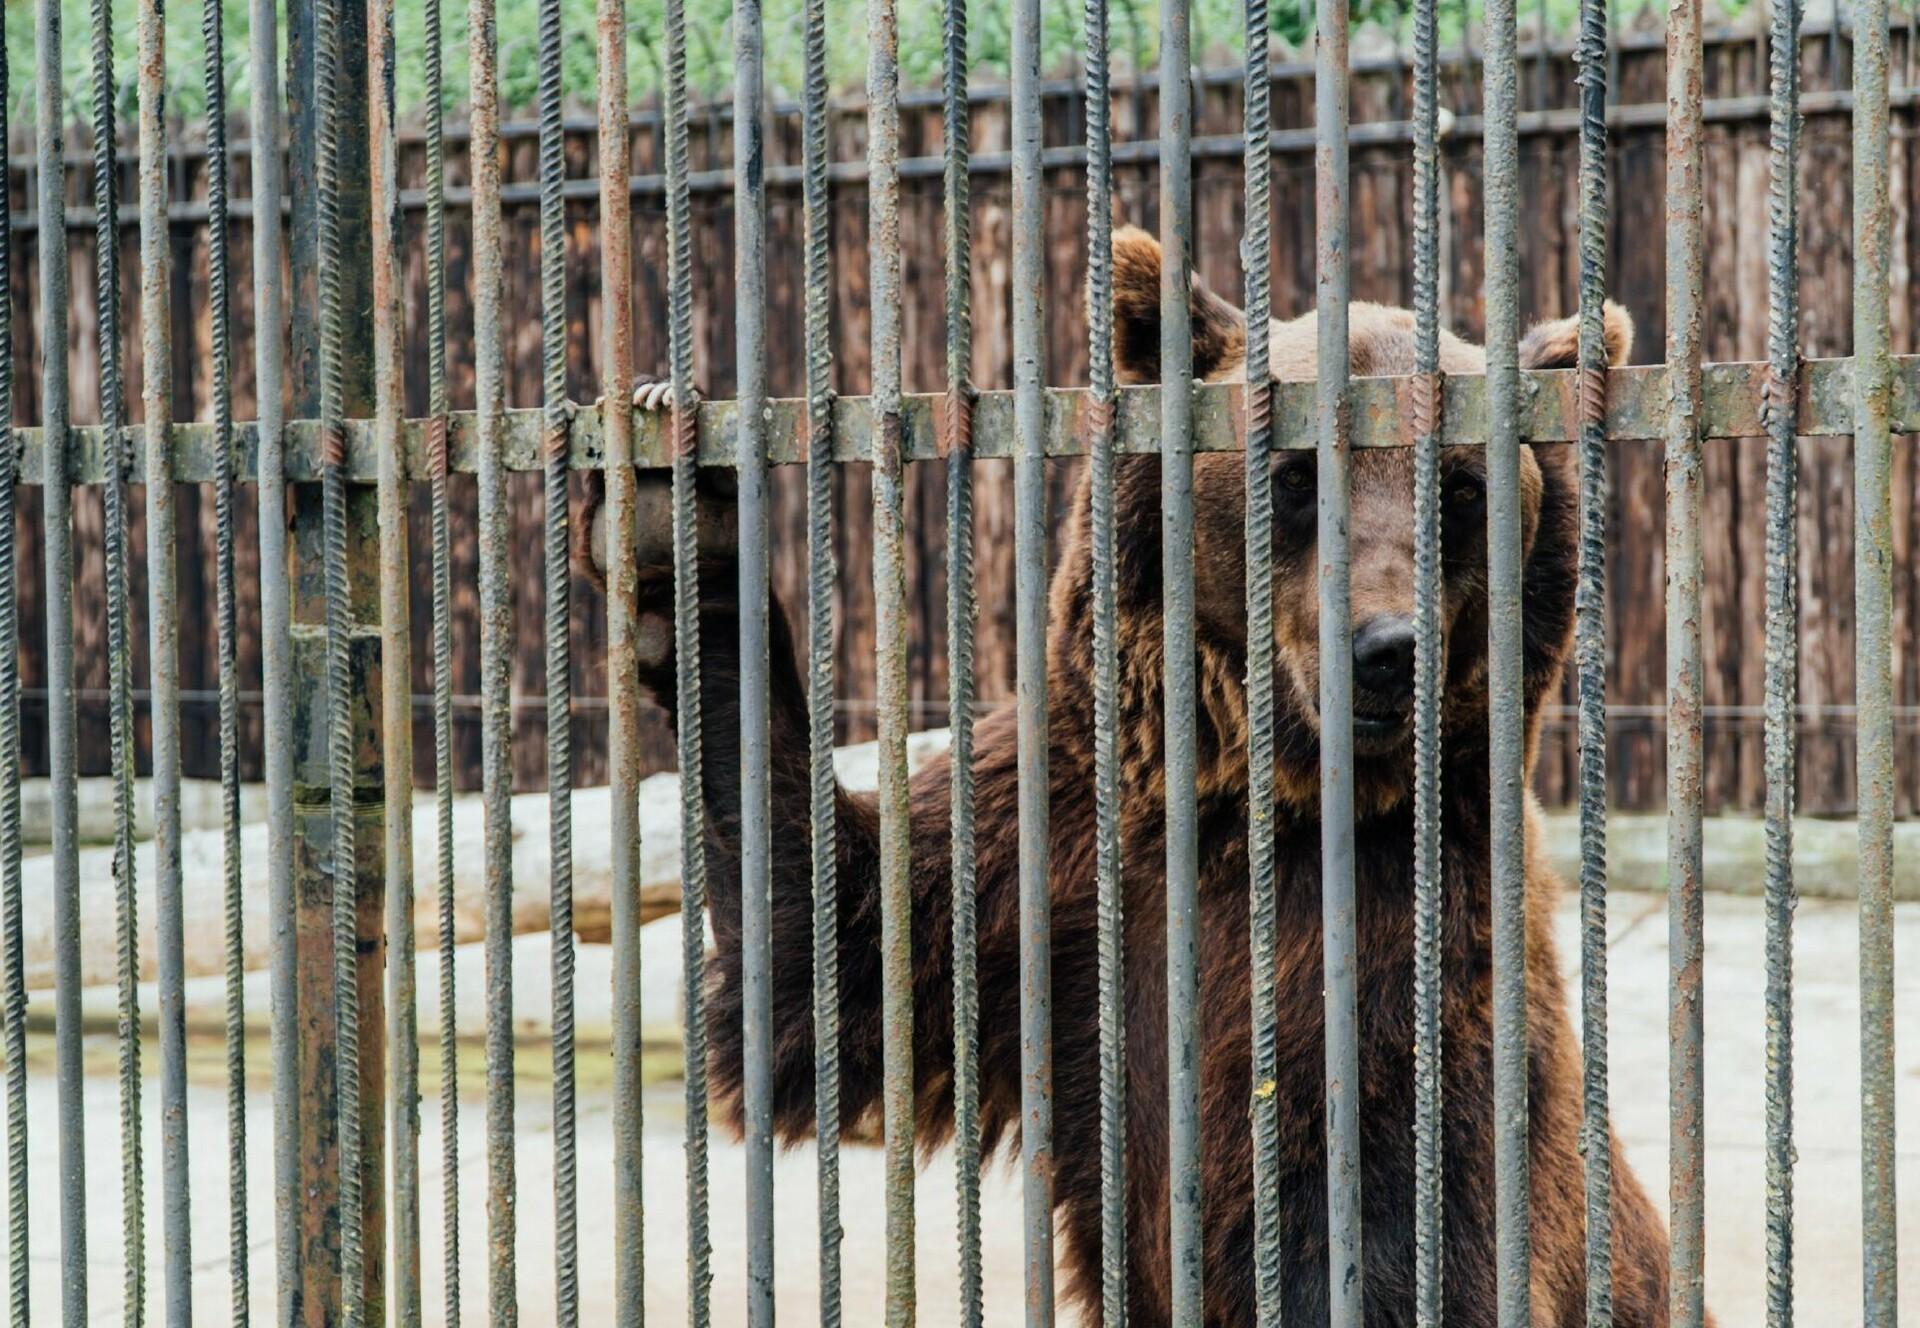 Bären in Gefangenschaft leiden